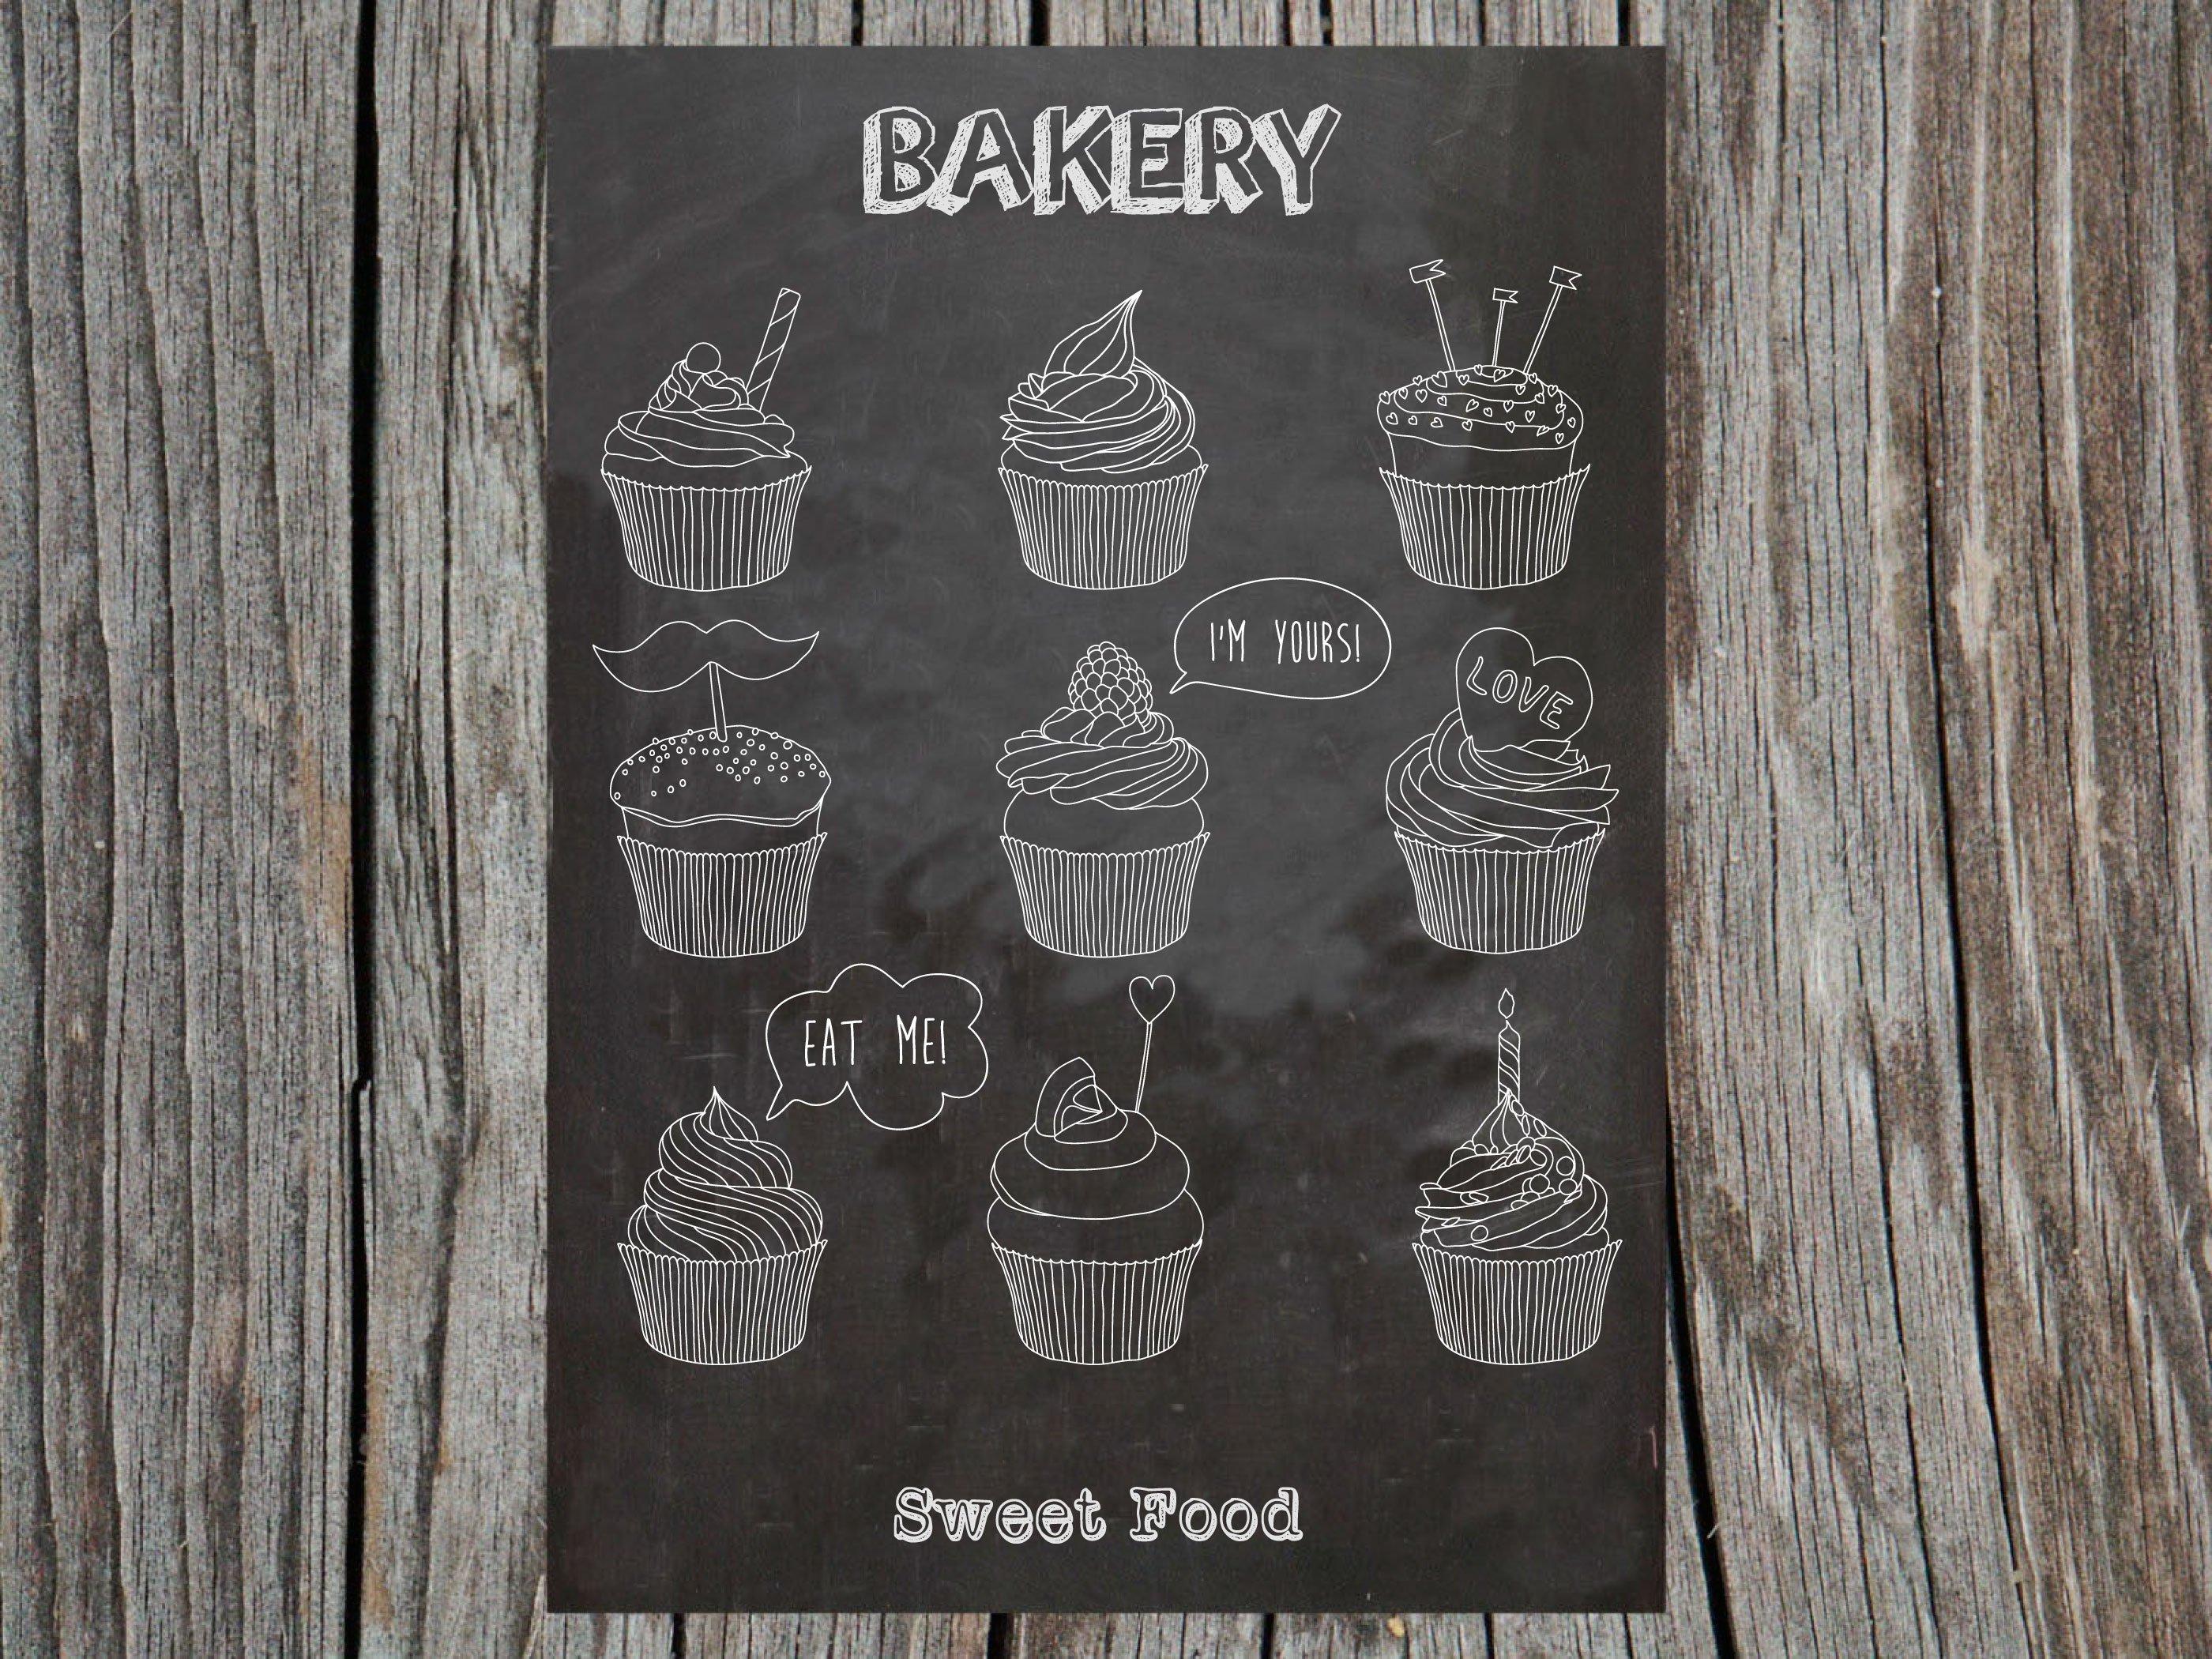 手绘纸杯蛋糕矢量素材 Сupcakes Patterns And Illustration插图